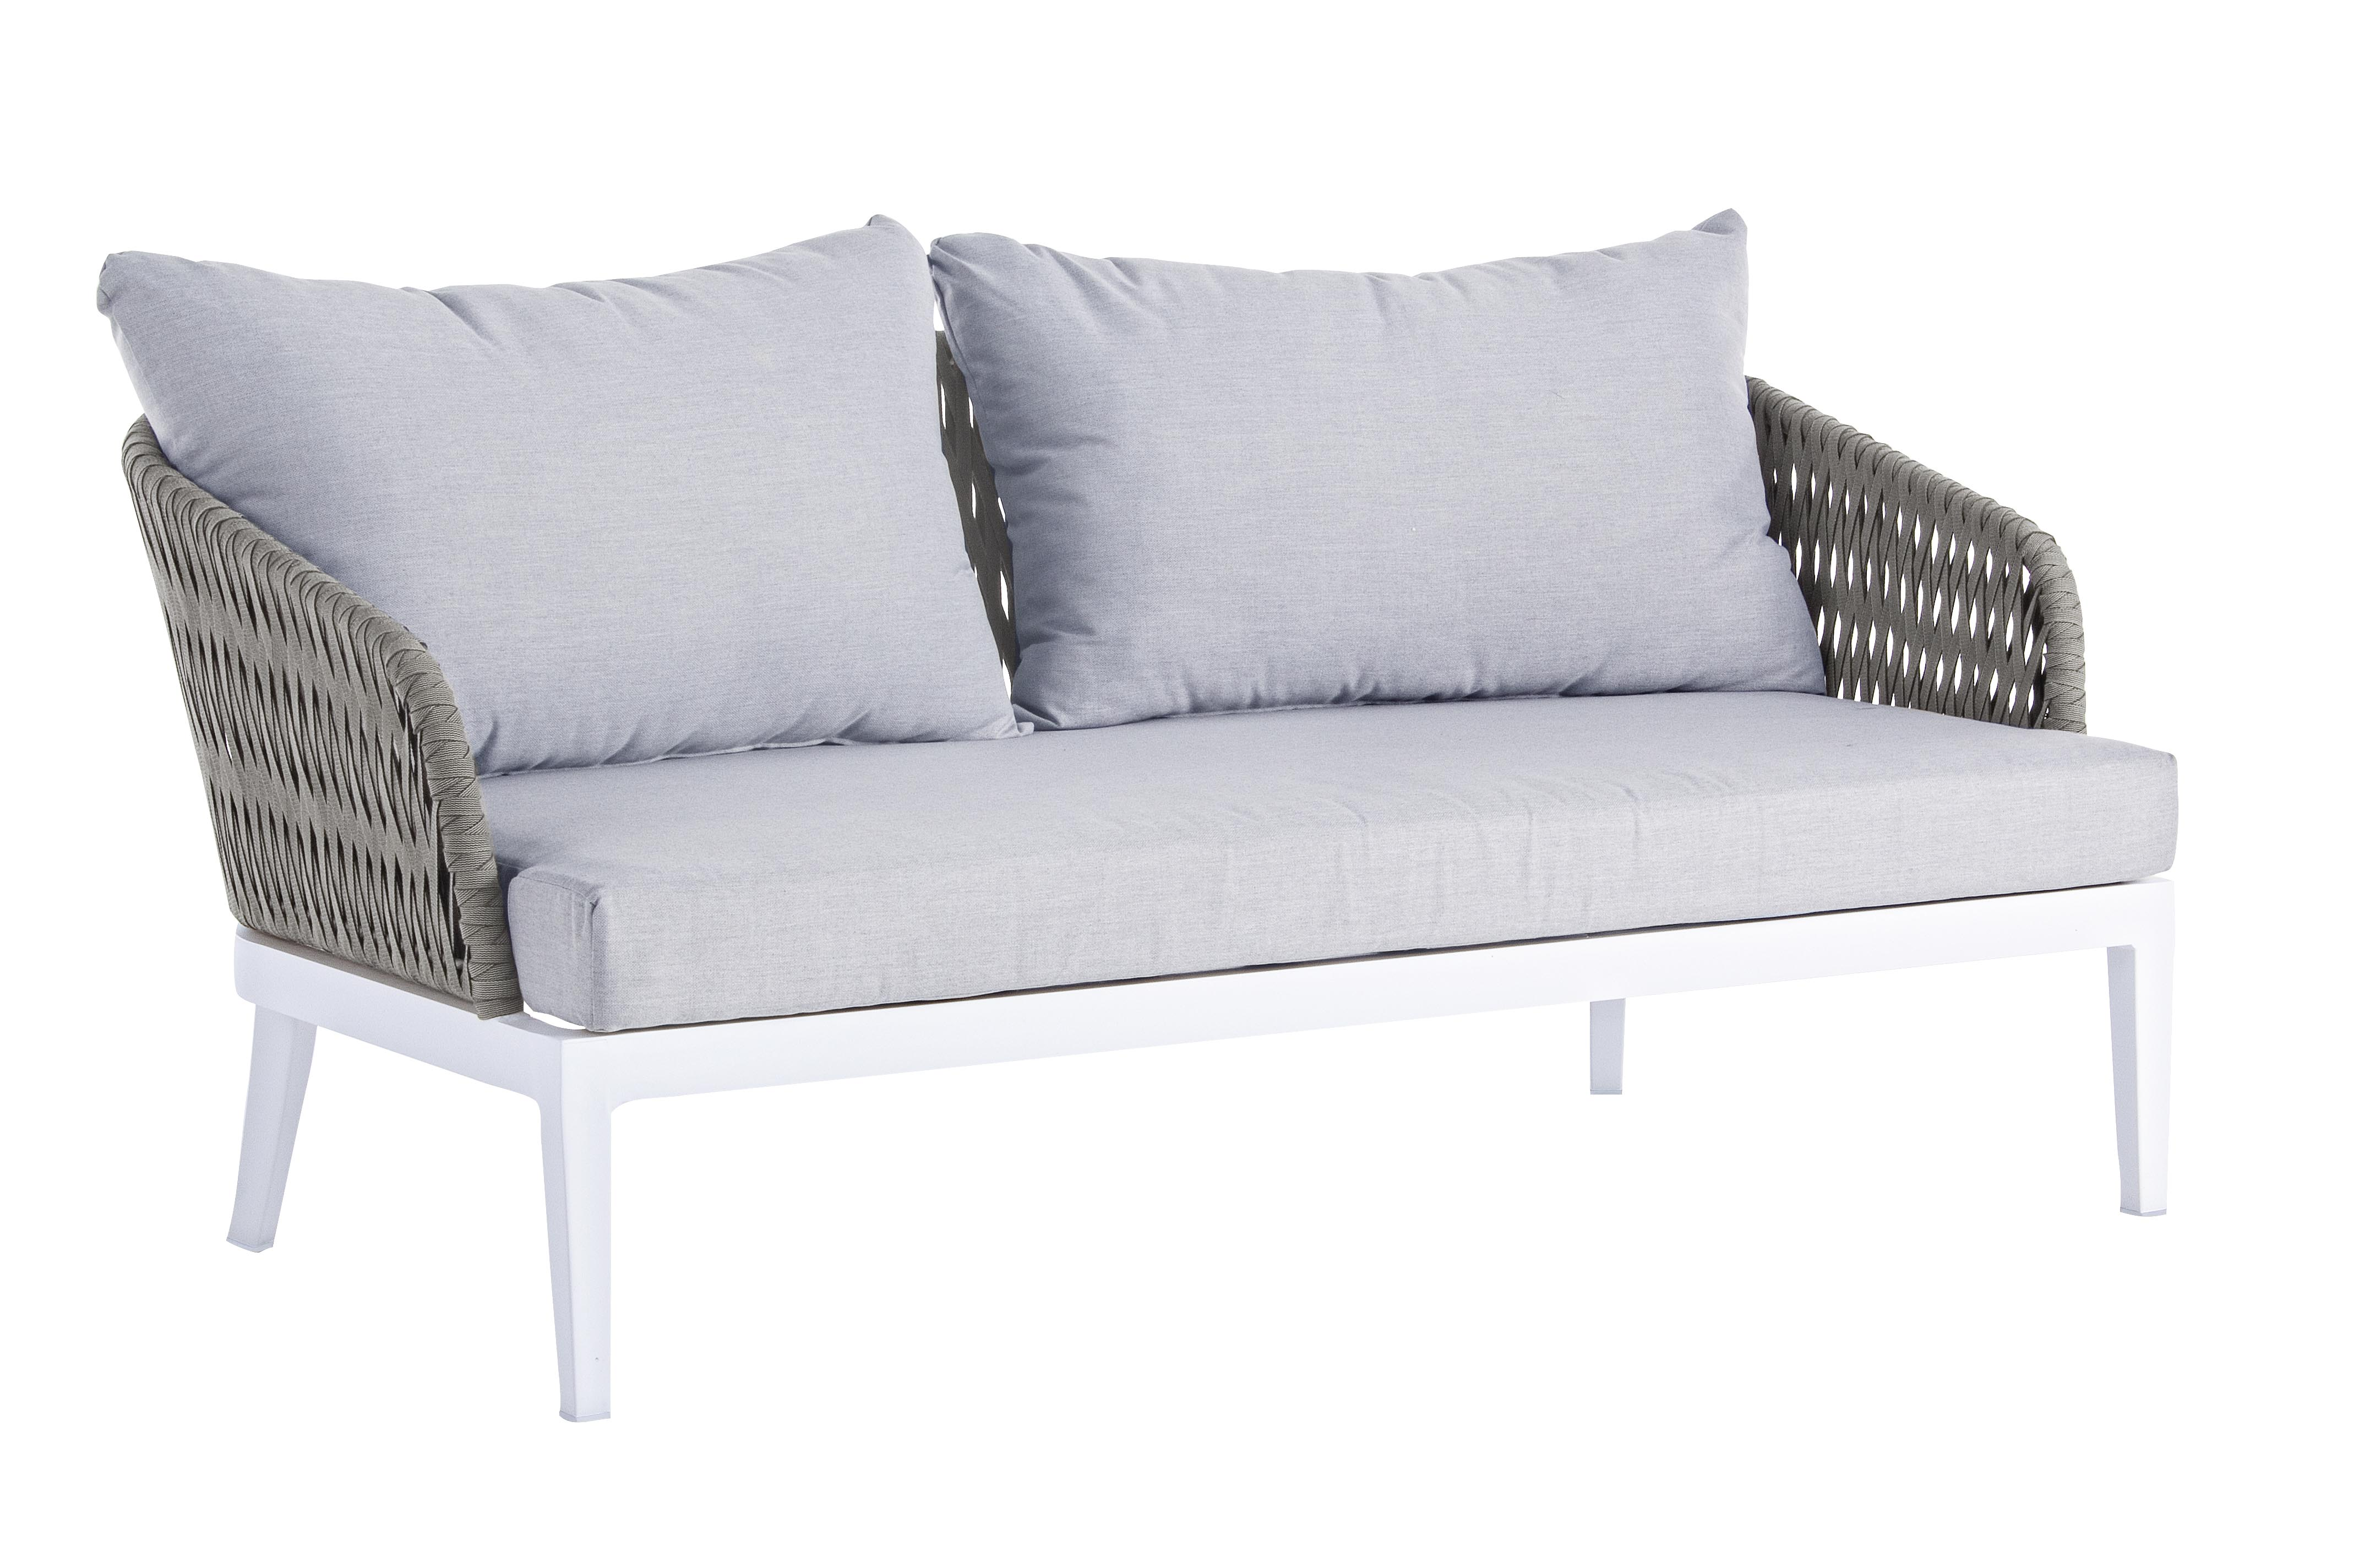 Cuscini Idrorepellenti Per Esterno dettagli su divano 2/3 posti pelican con cuscini bizzotto 660151 per arredo  esterno casa